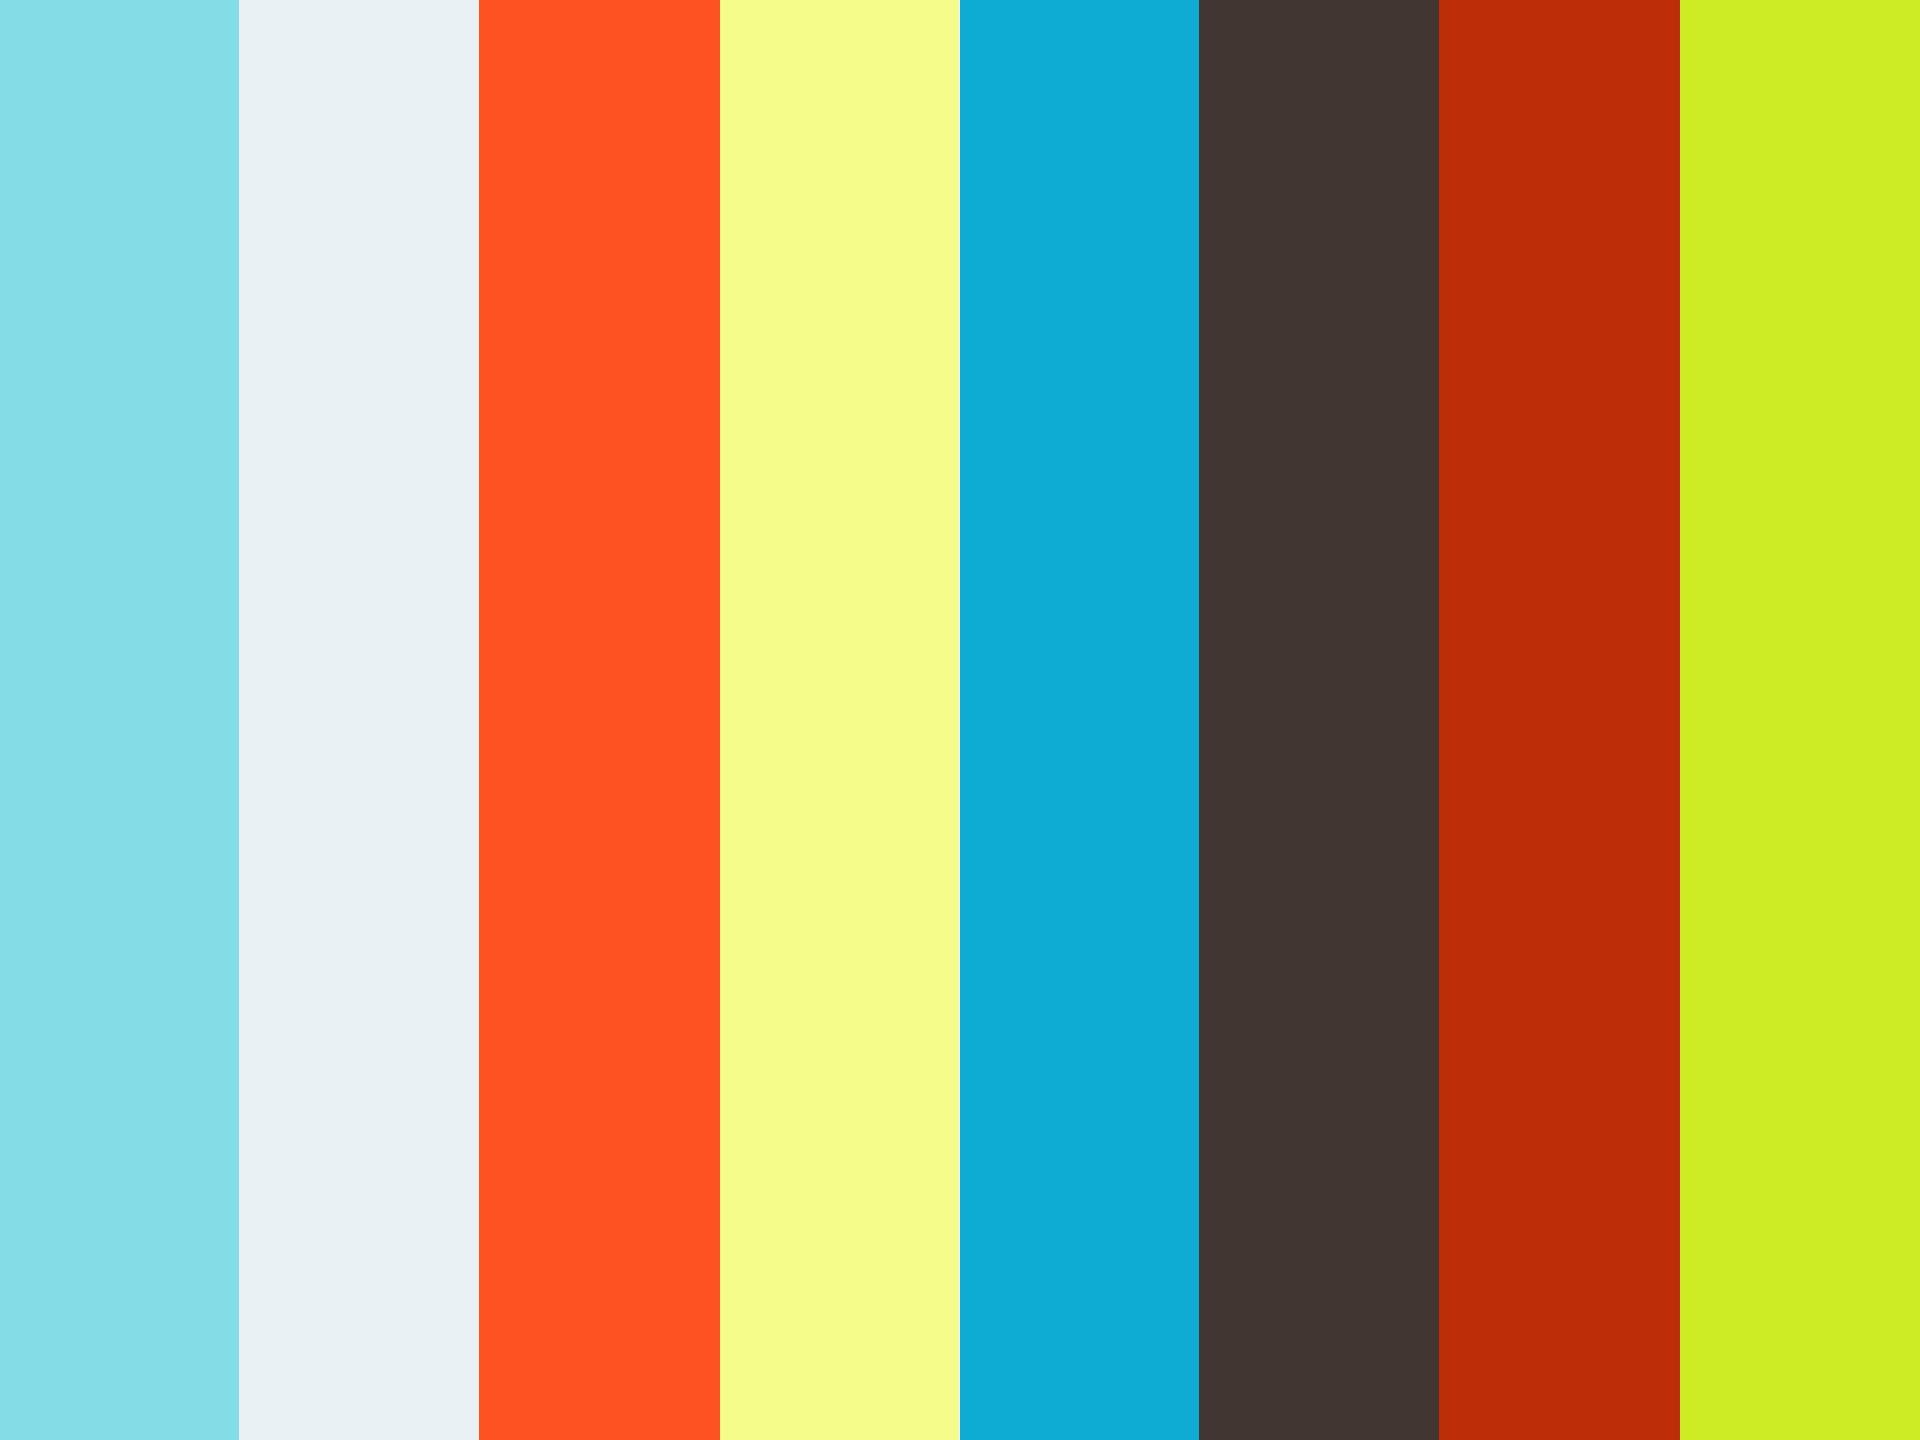 Μένω σπίτι και μαθαίνω | Προδημοτική | Γλώσσα (Το πρώτο χελιδόνι) 23/4/20 Επ. 16